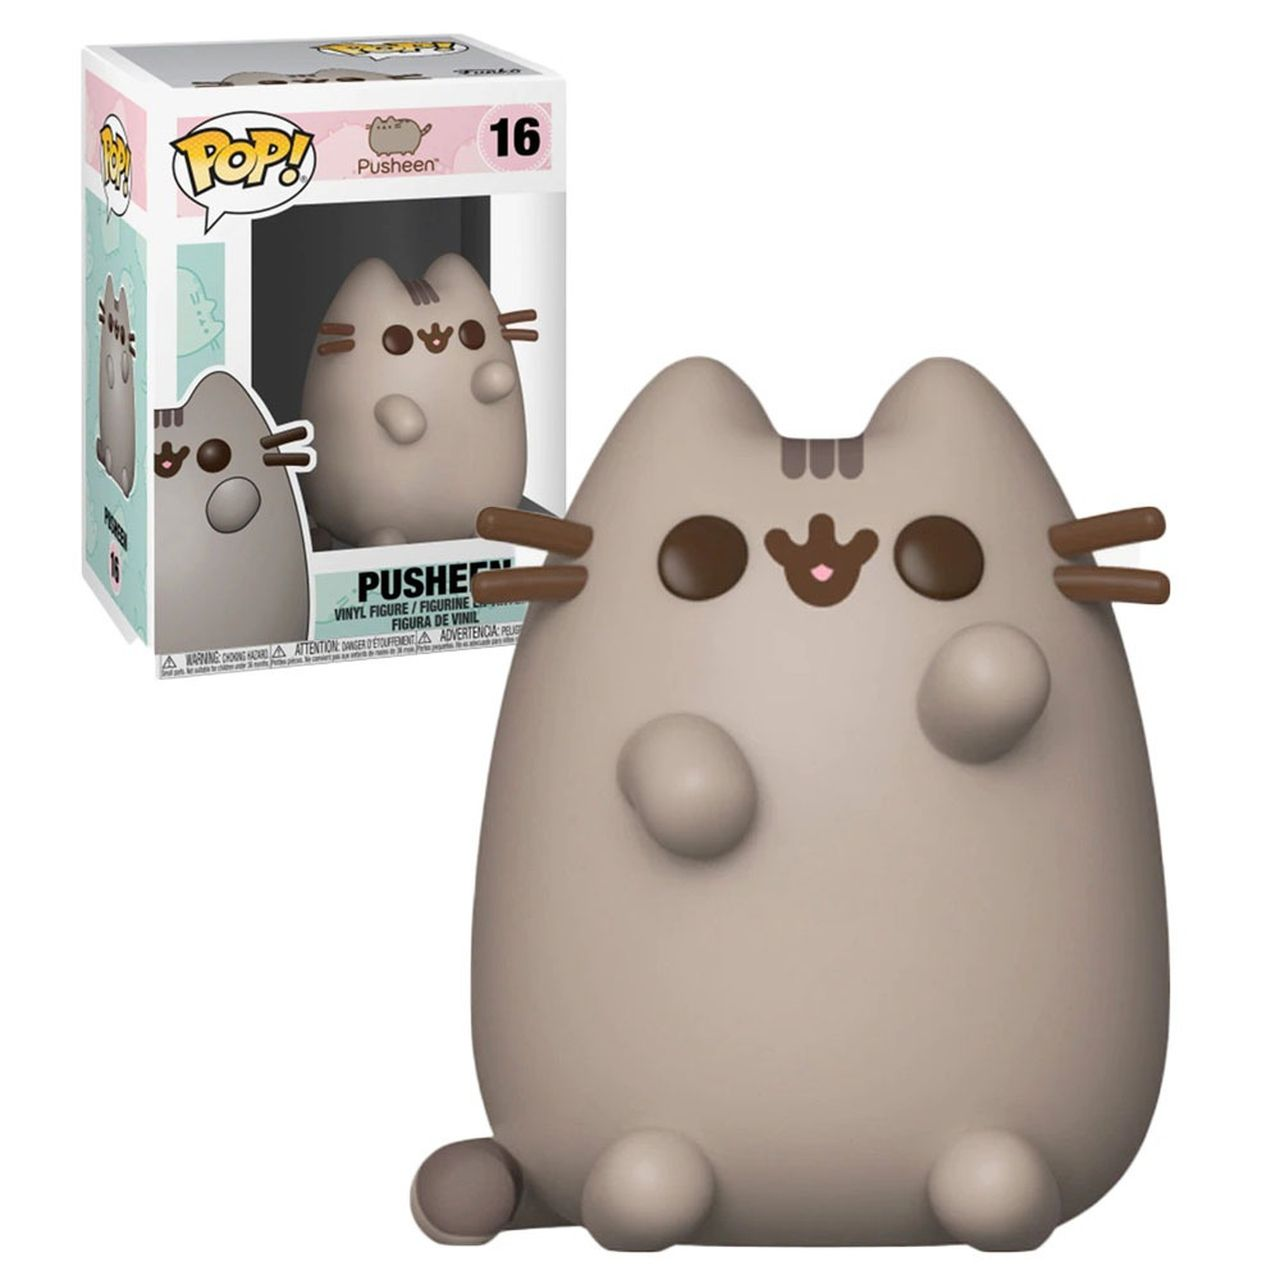 Funko Pop! Pusheen: Pusheen The Cat #16 -  Funko